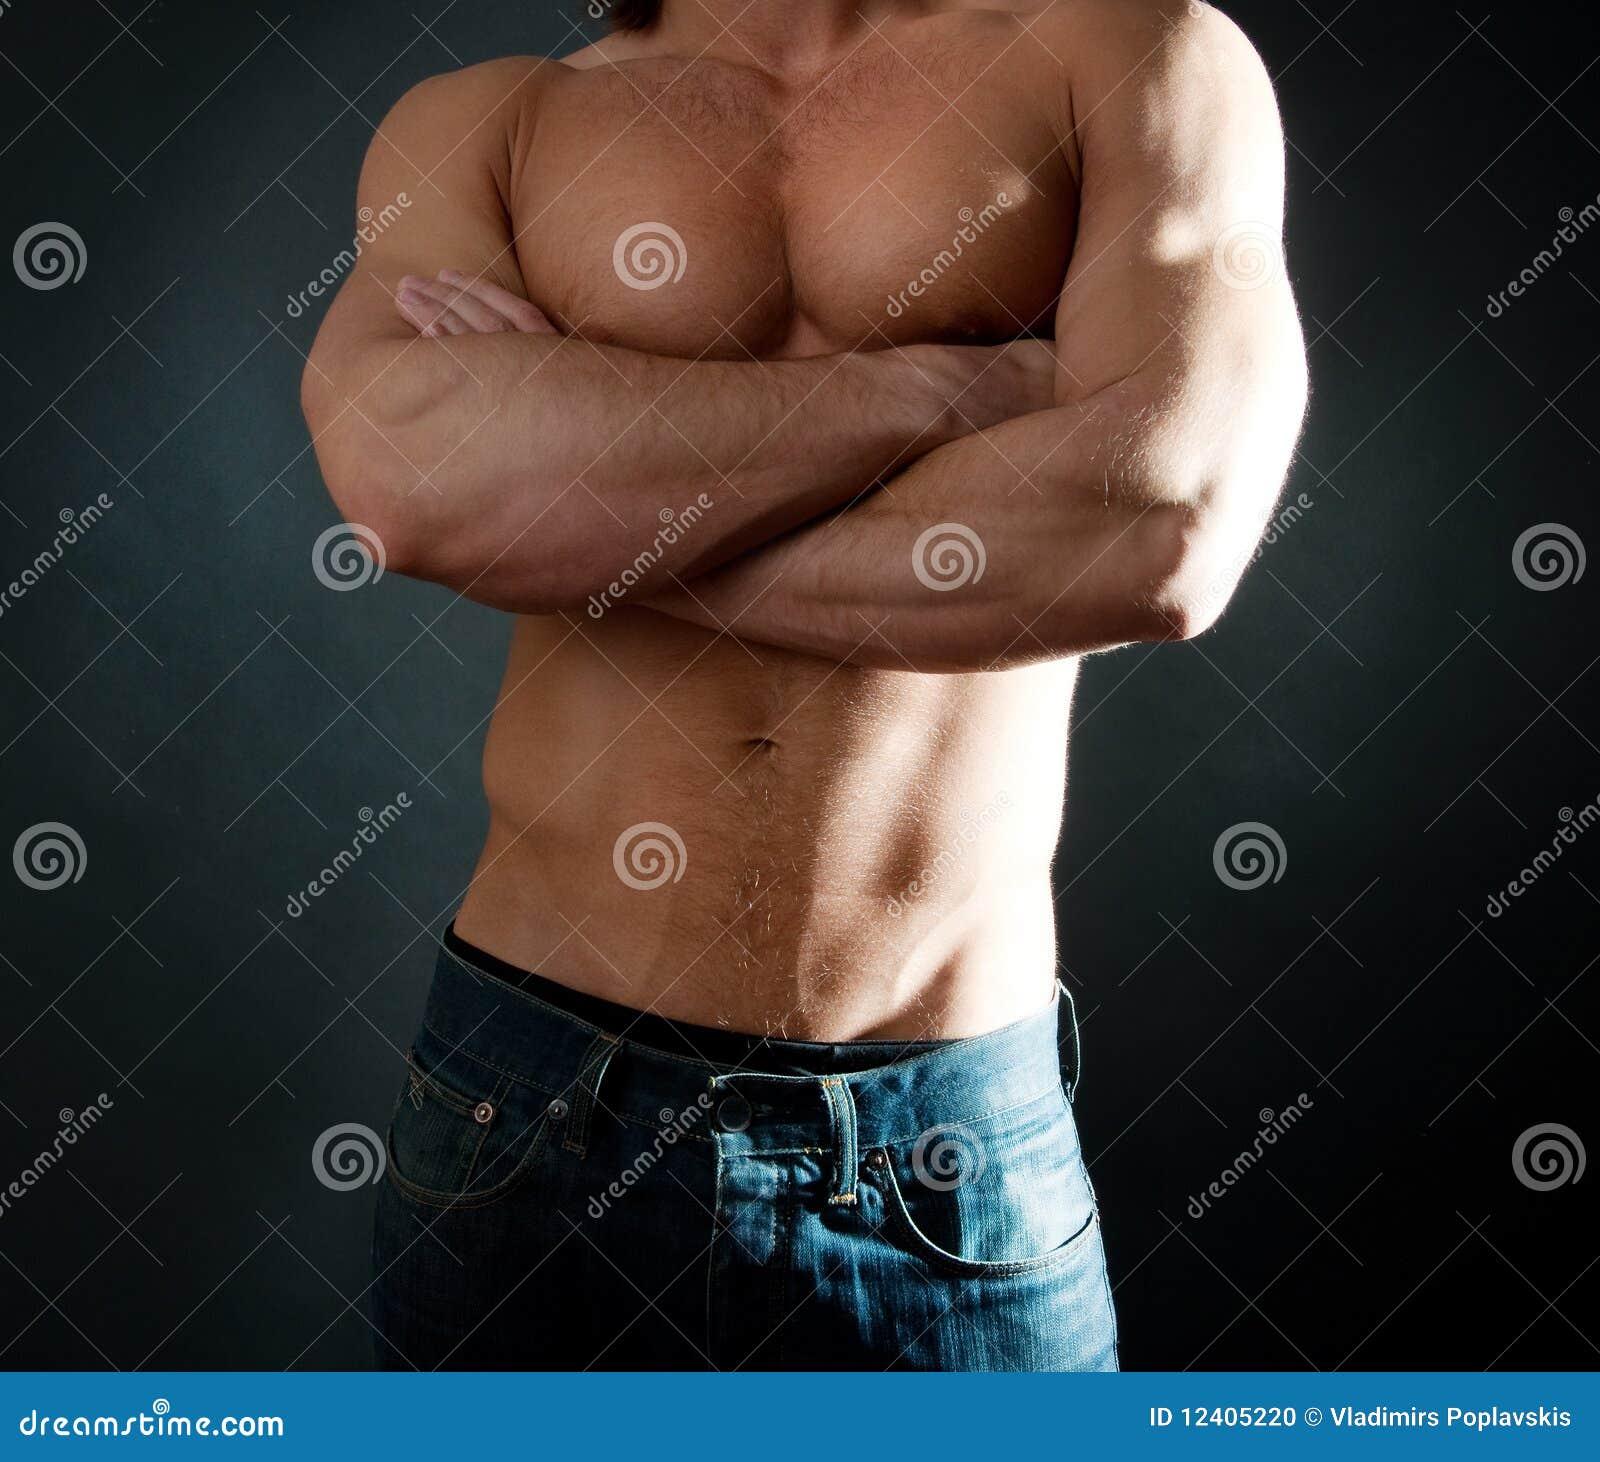 Сексуальние тела мужчины